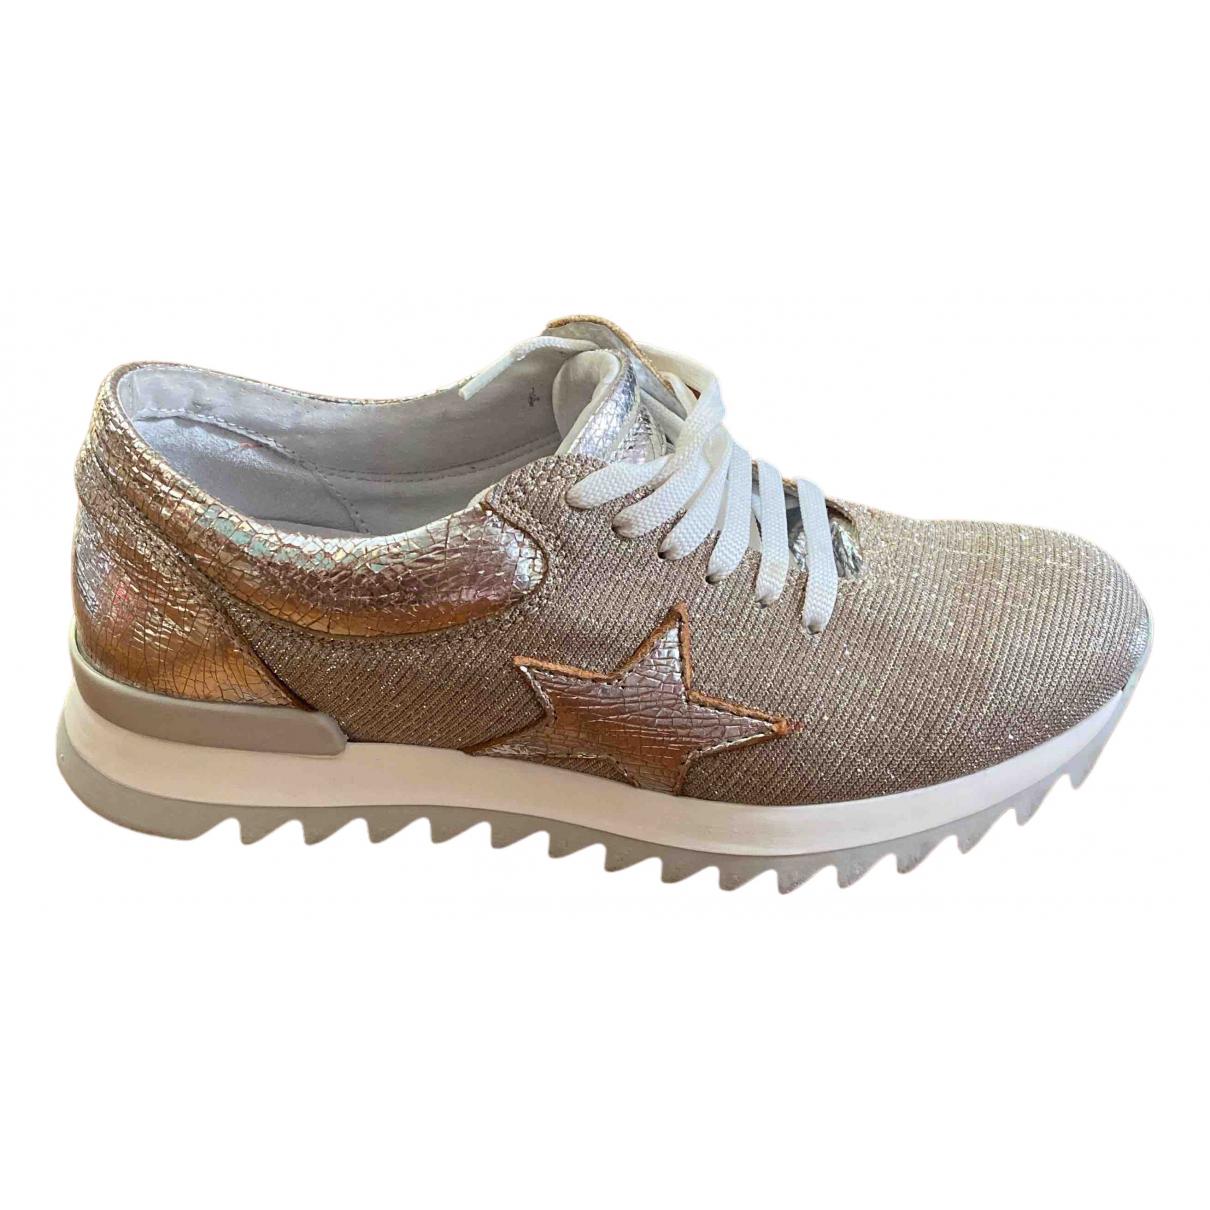 Ovye \N Sneakers in  Gold Mit Pailletten